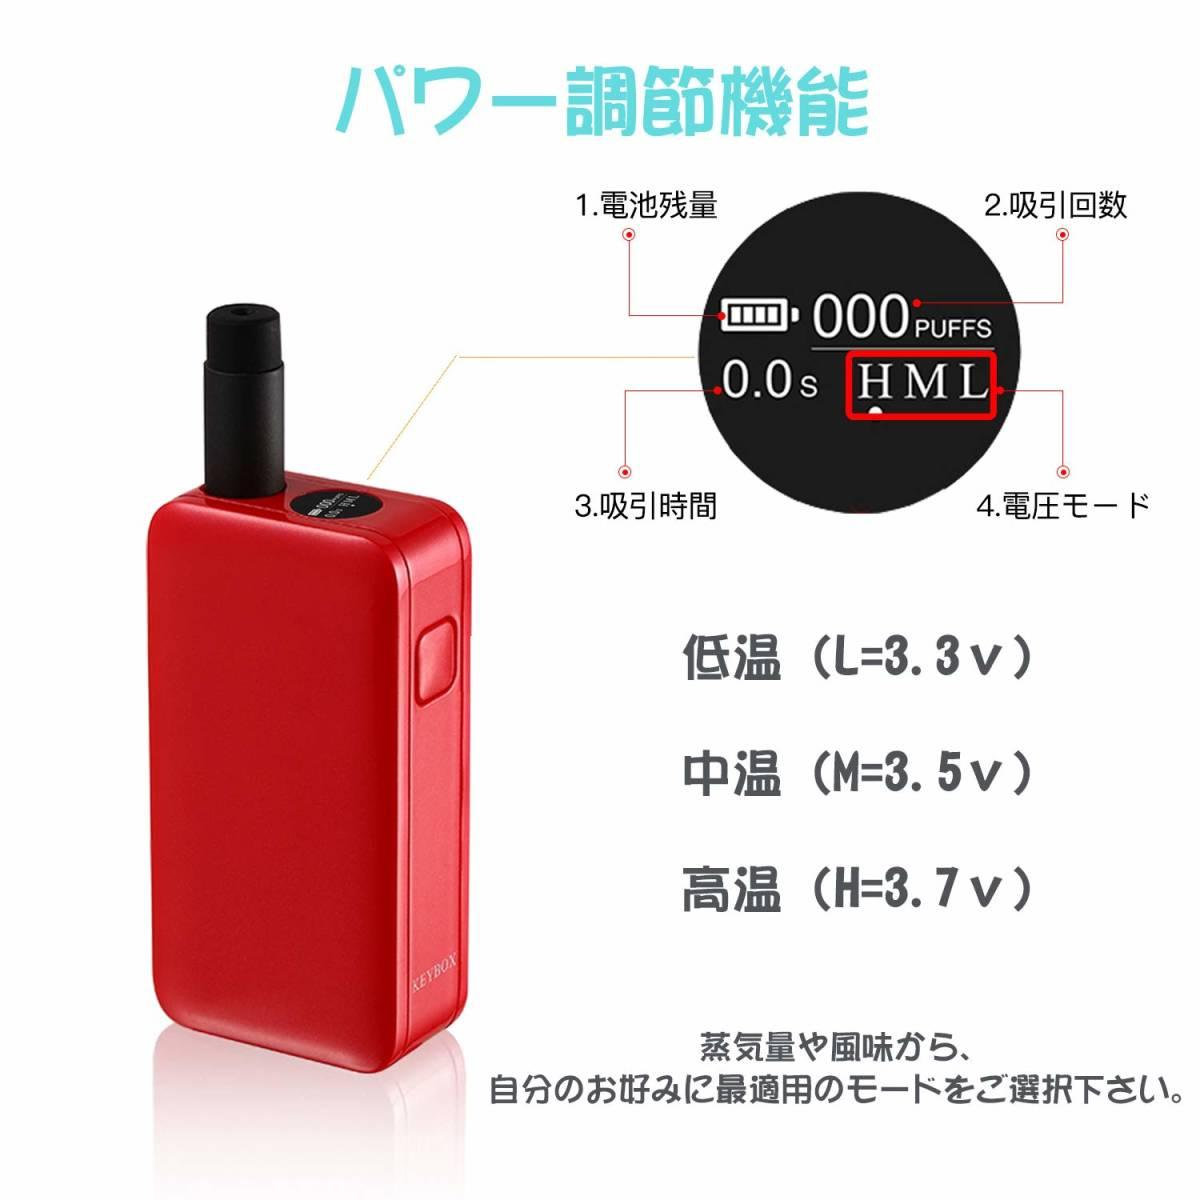 新品電子タバコ ploomtech プルームテック 本体セット 互換バッテリー カートリッジアダプター アトマイザー パワー調節 650mAh電池 大容量_画像7